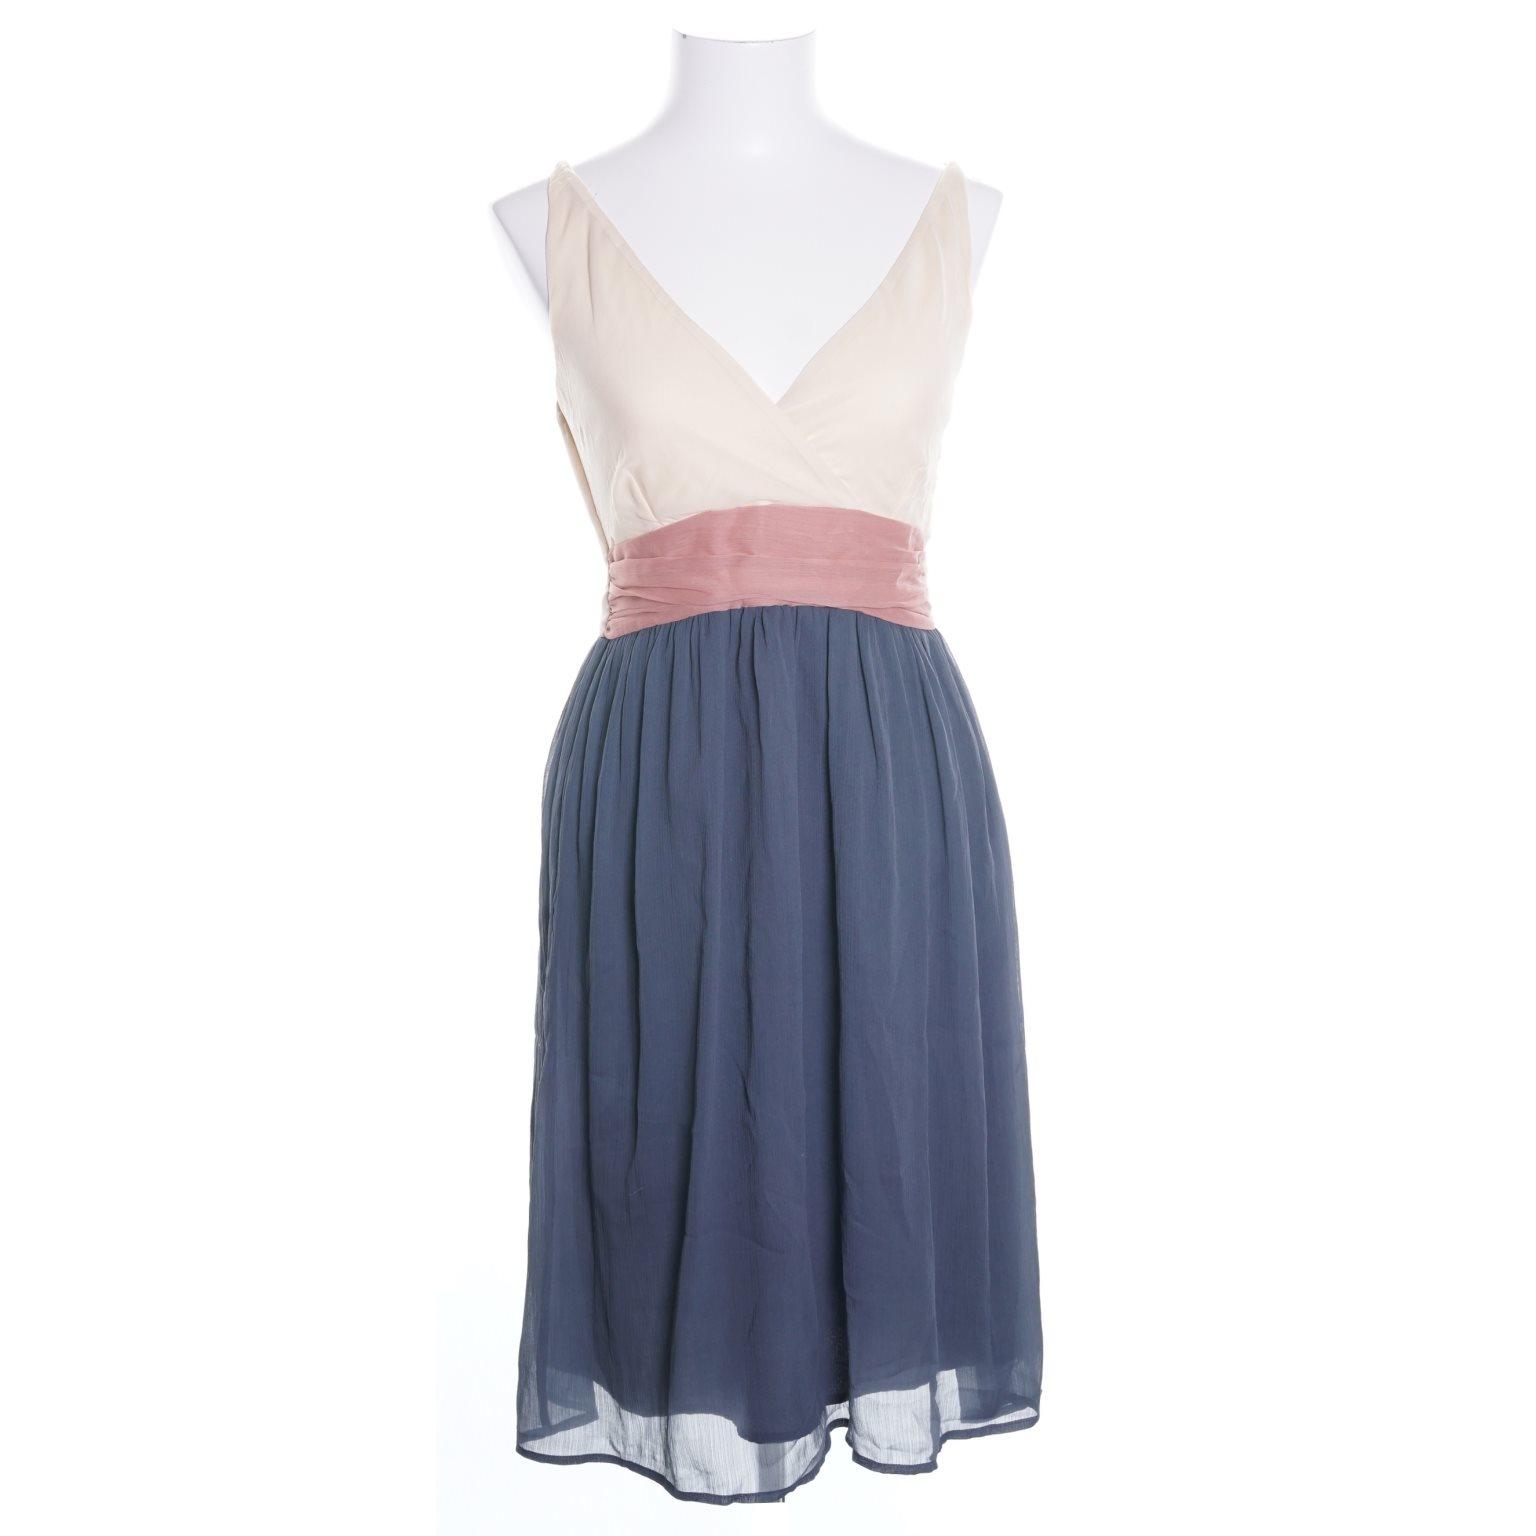 9fce7a09 Rosa klänning vero moda